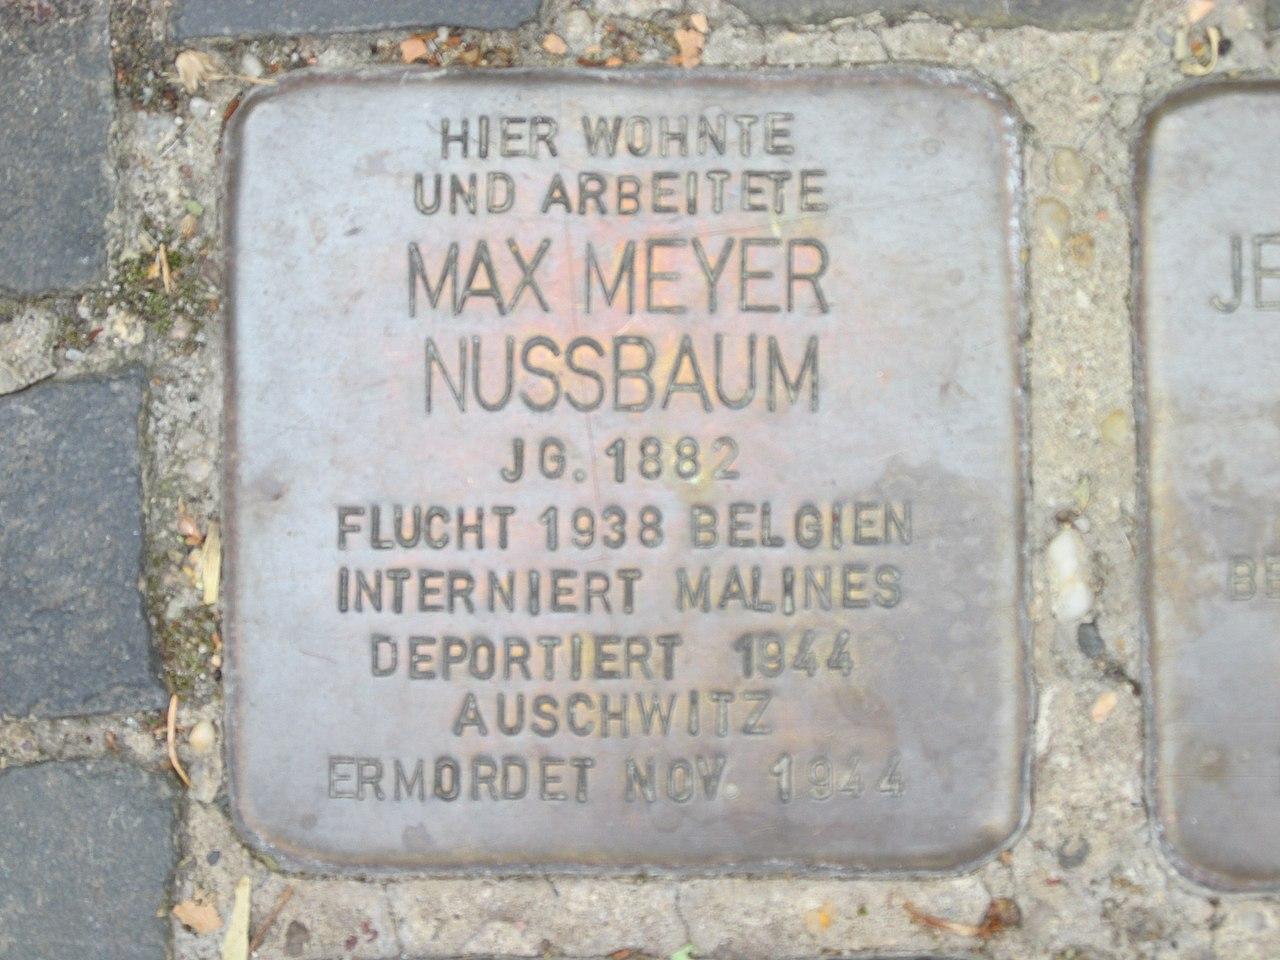 Stolperstein Max Meyer Nussbaum, 1, Burgstraße 40, Bitterfeld, Bitterfeld-Wolfen, Landkreis Anhalt-Bitterfeld.jpg